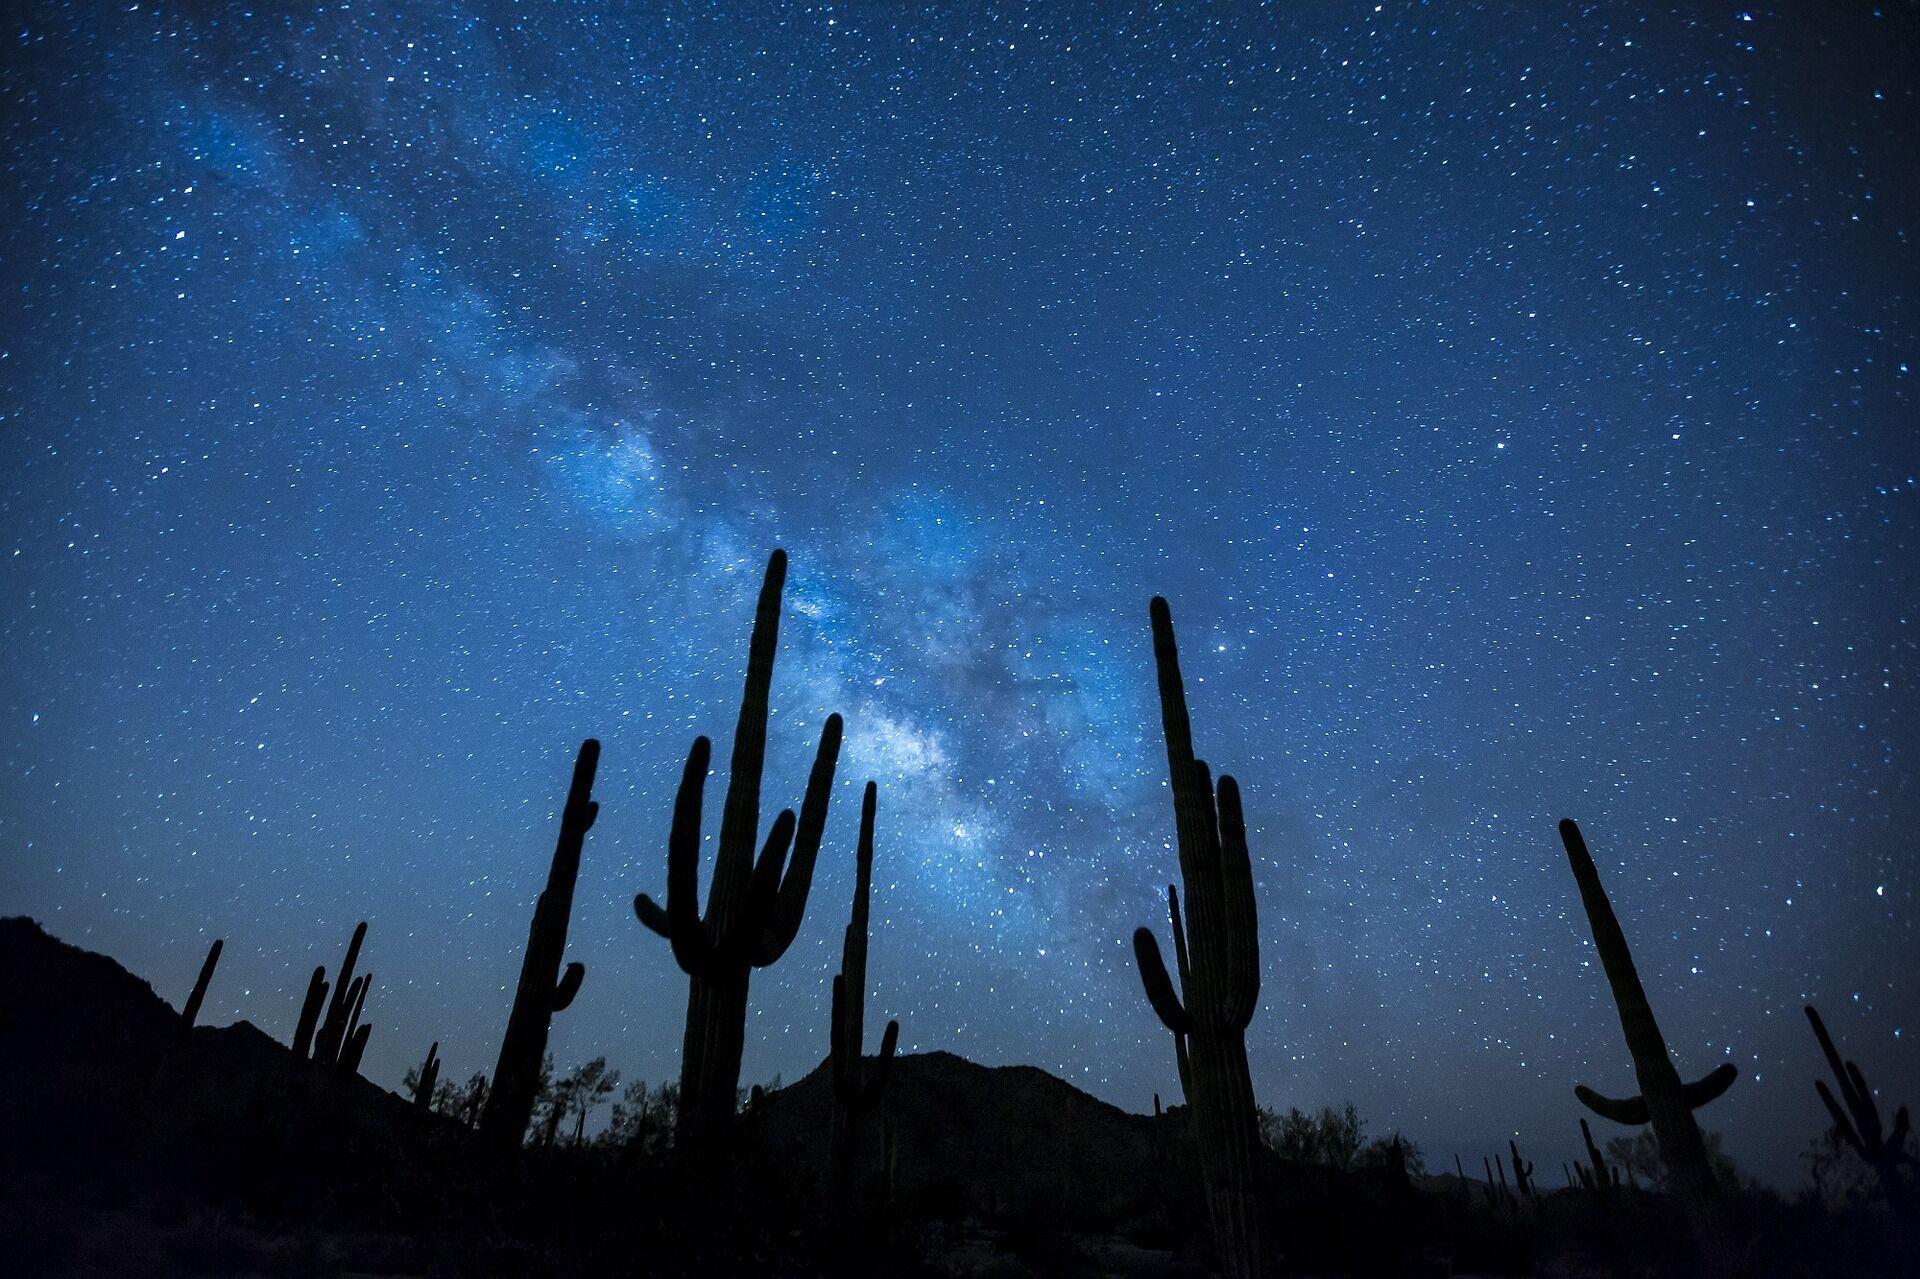 Парад планет найкраще спостерігати в темний час доби